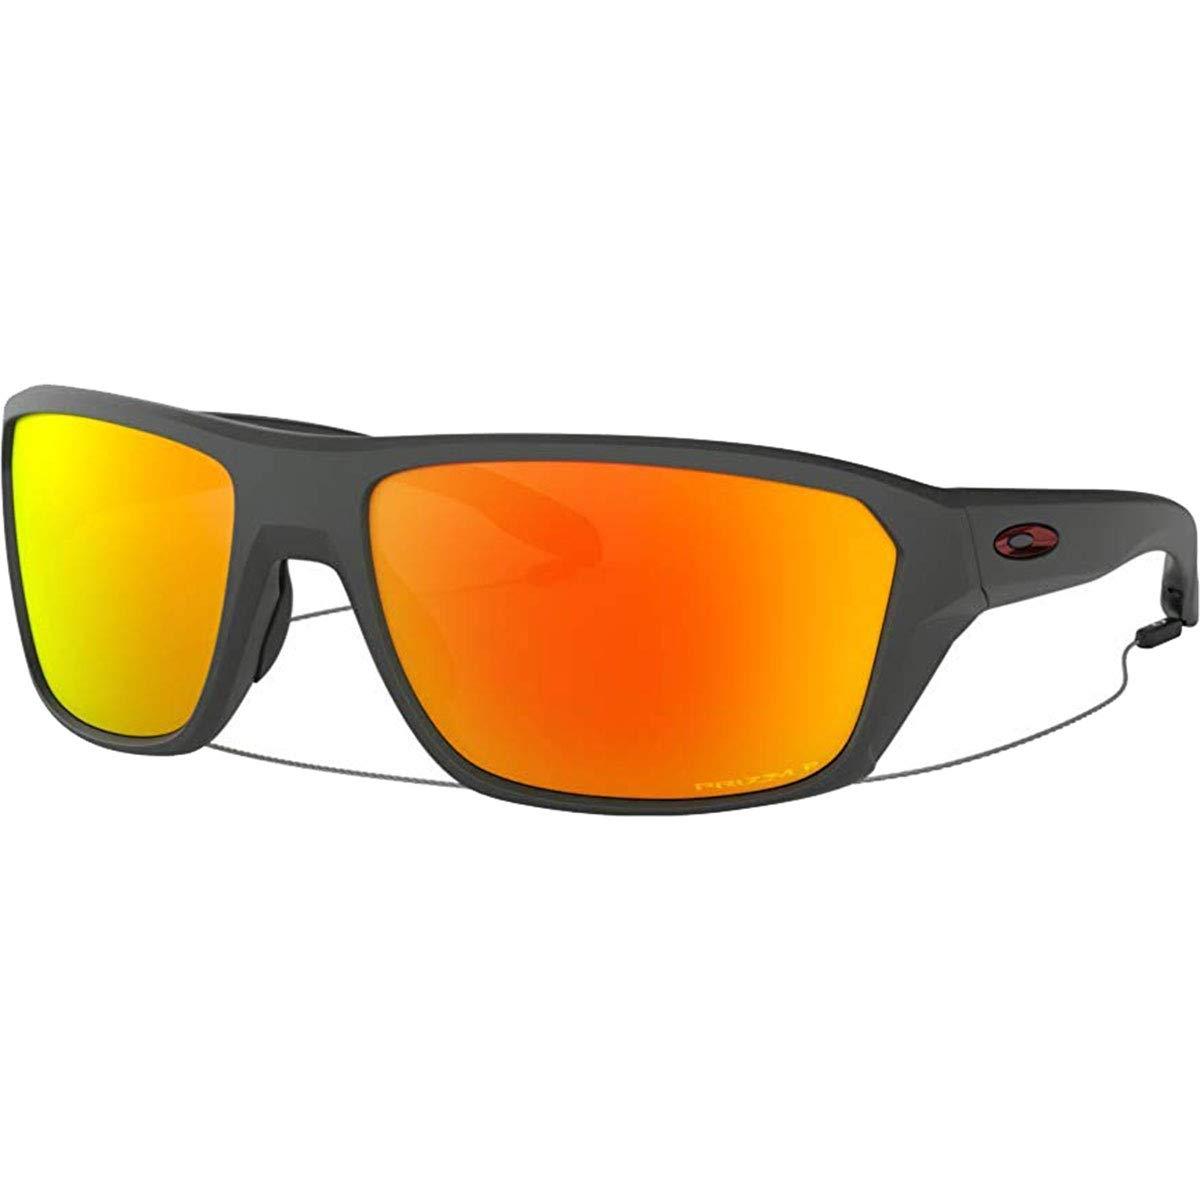 9d1e92e18 Oakley Men's Split Shot Sunglasses